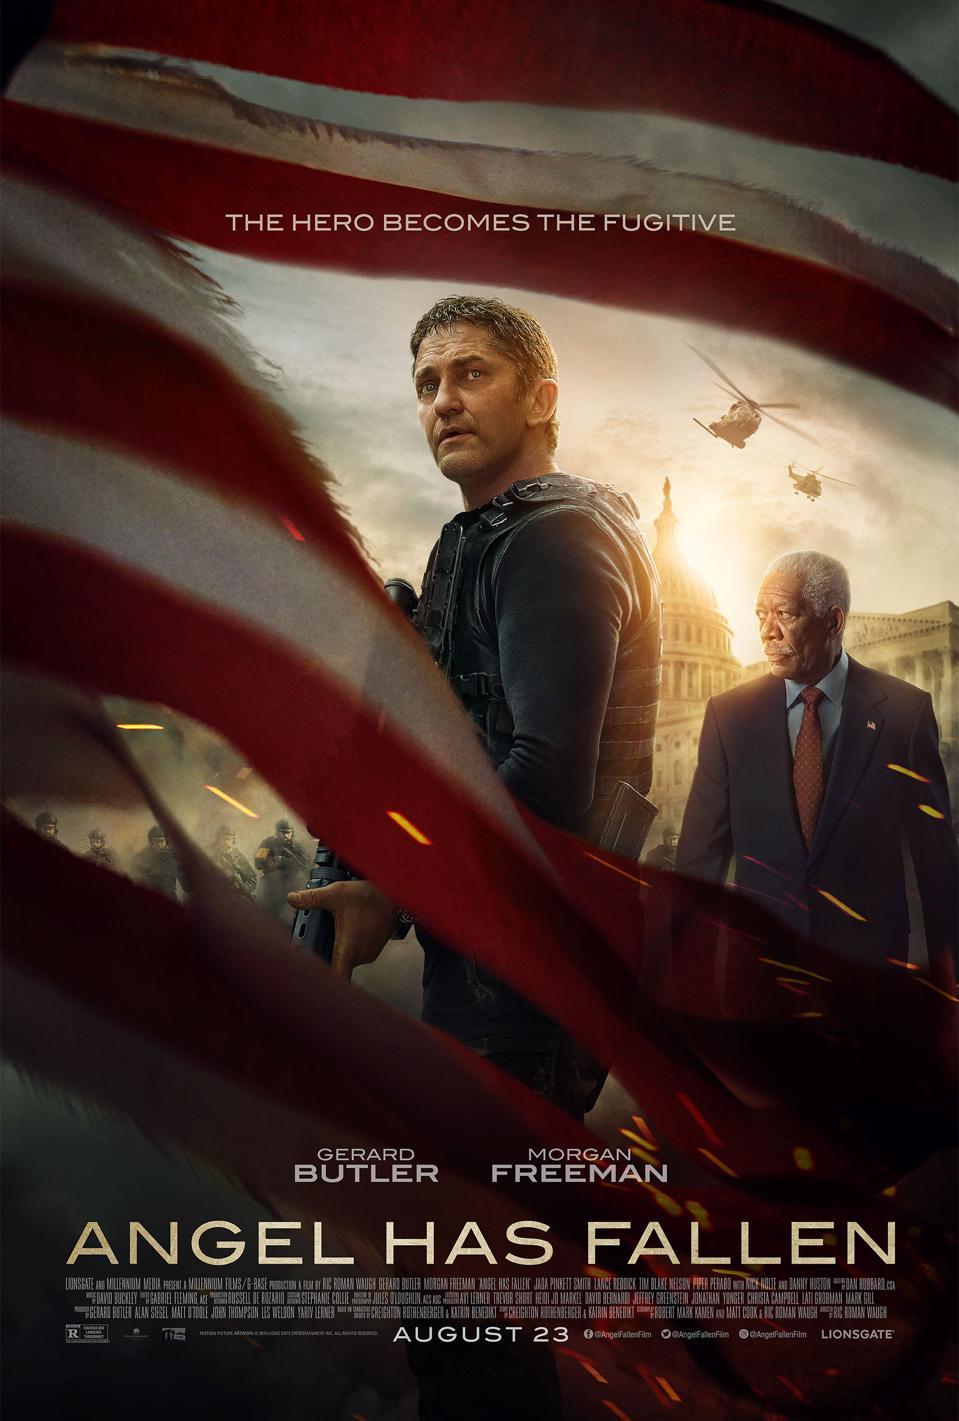 'Angel Has Fallen' Review: Better Politics, Deeper Characters Make For A Better Sequel